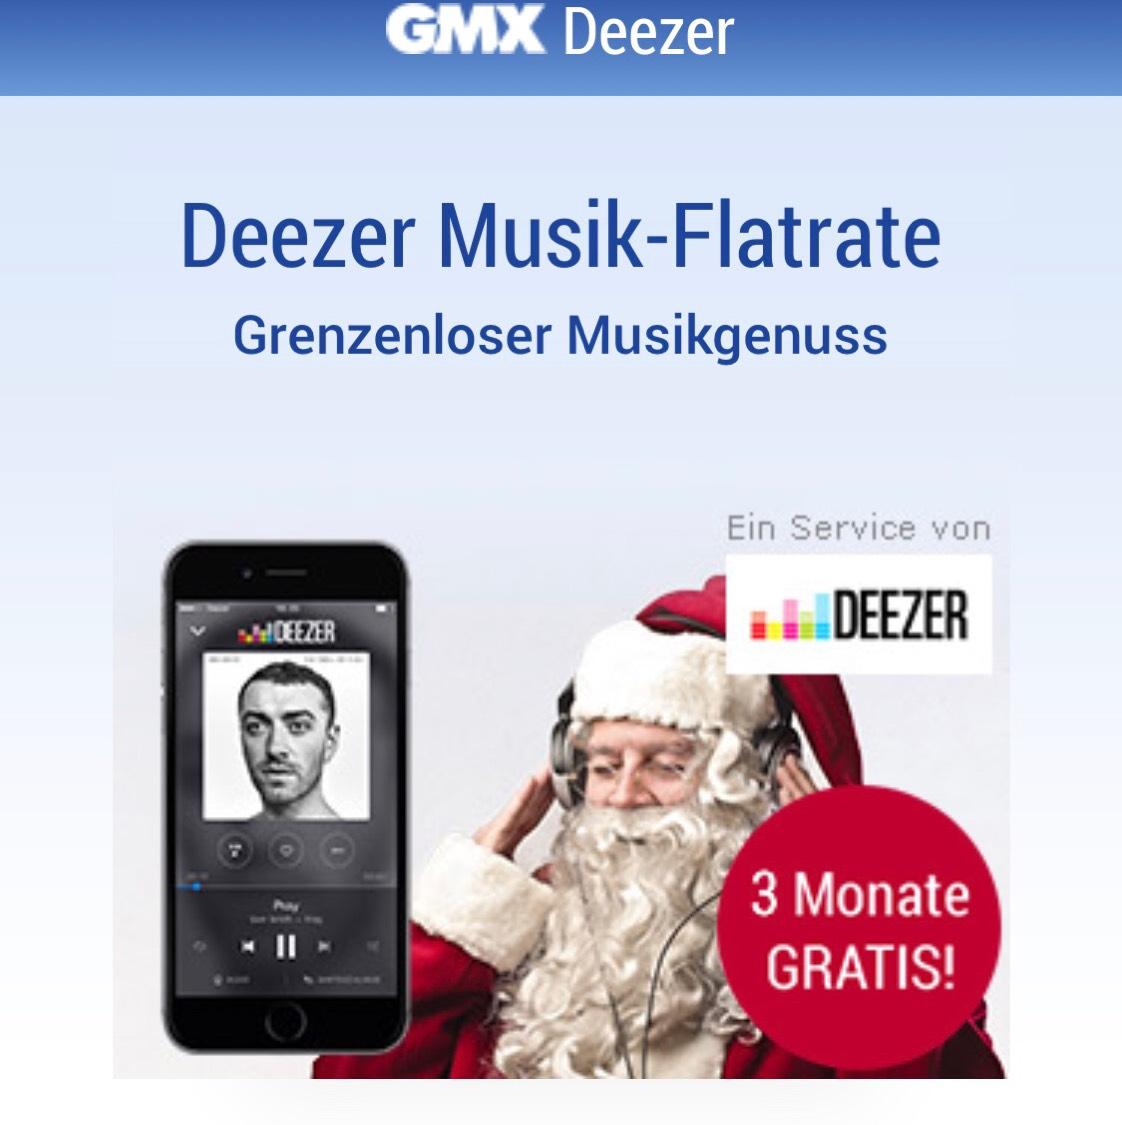 Gmx Kunden Deezer 3 Monate kostenlos - Kündigung nicht vergessen